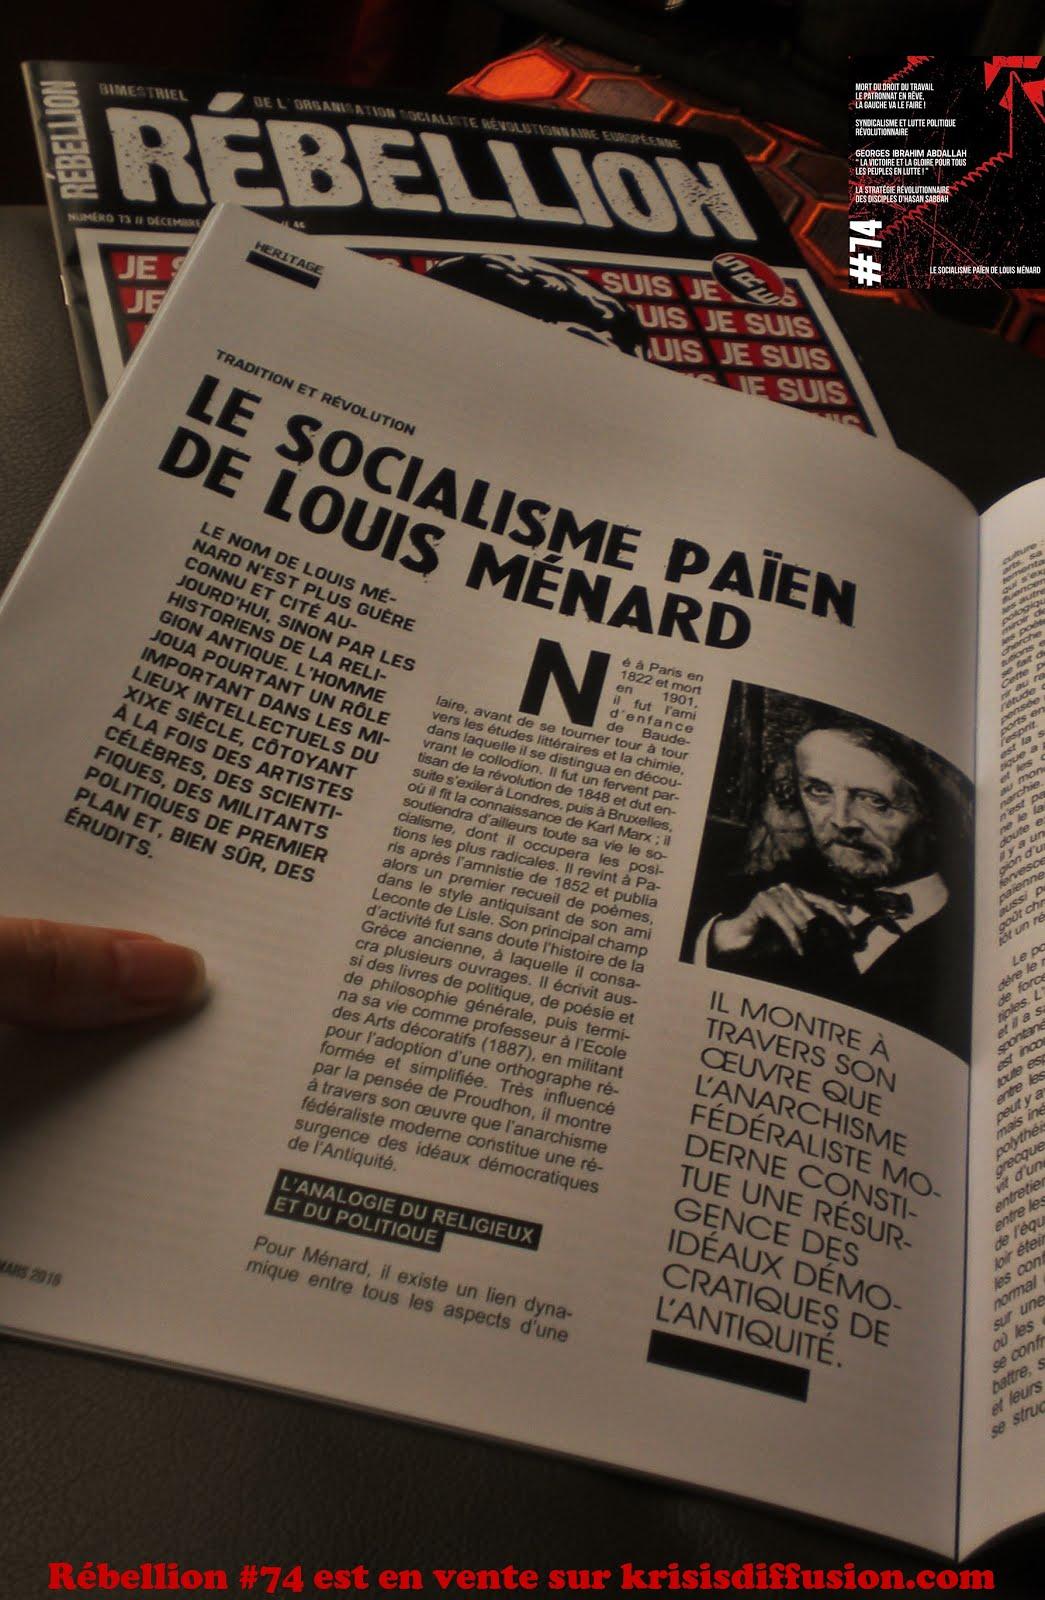 LE SOCIALISME PAÏEN DE LOUIS MENARD